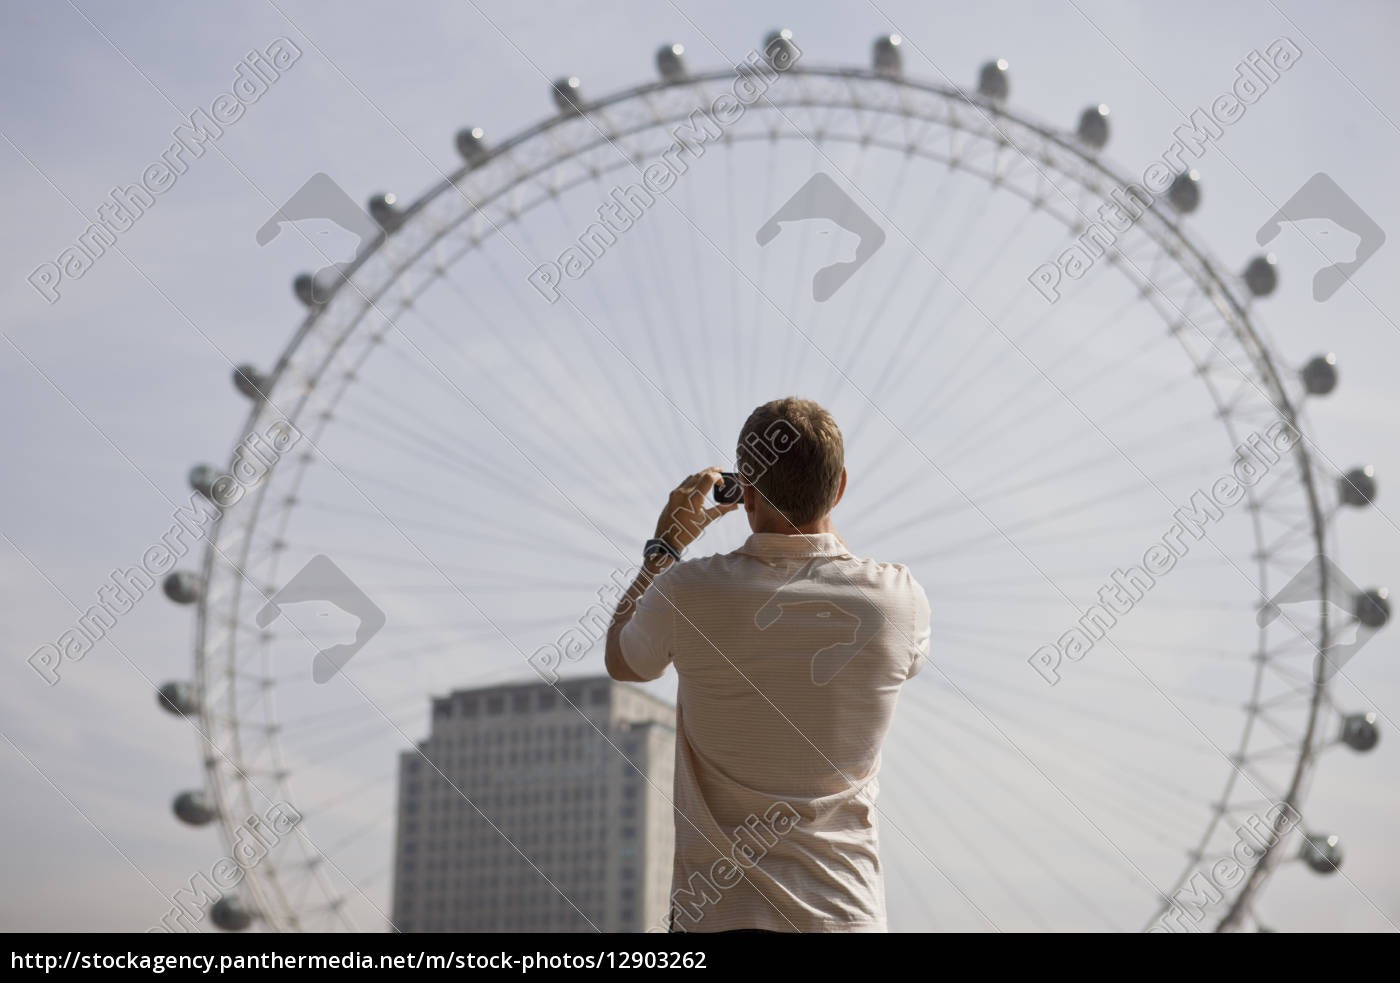 telefon, telephon, fahrt, reisen, stadt, denkmal - 12903262